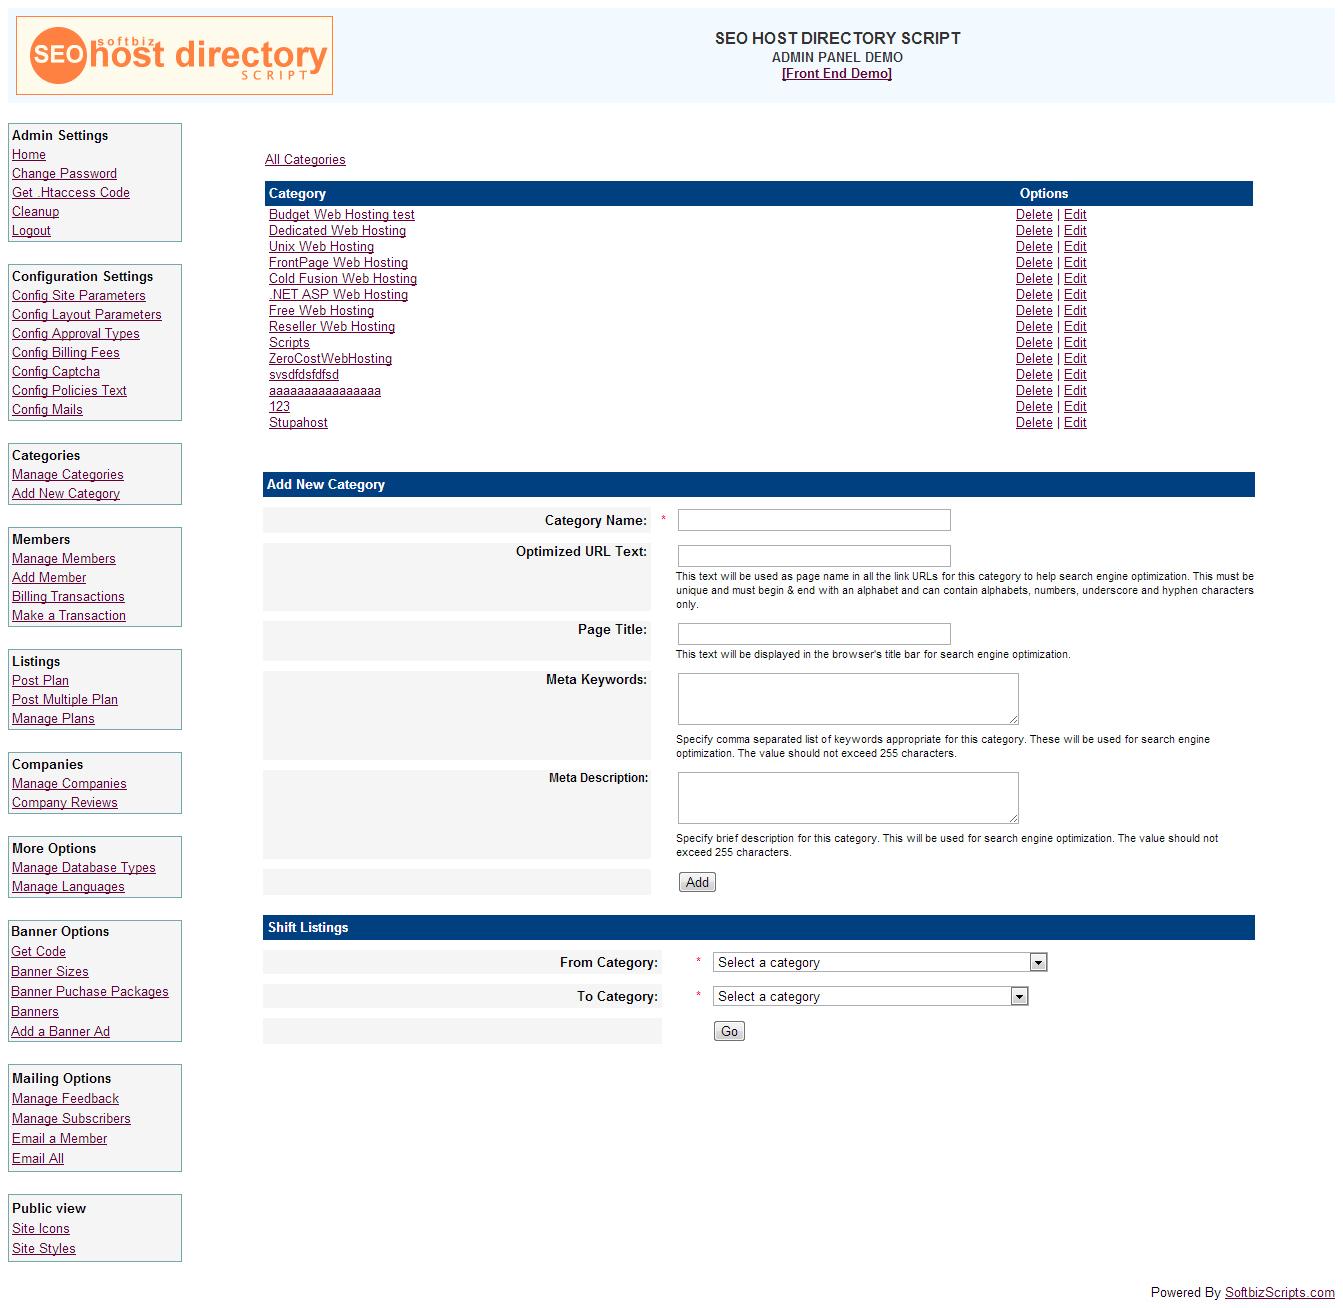 SEO Host Directory Script, Development Software Screenshot